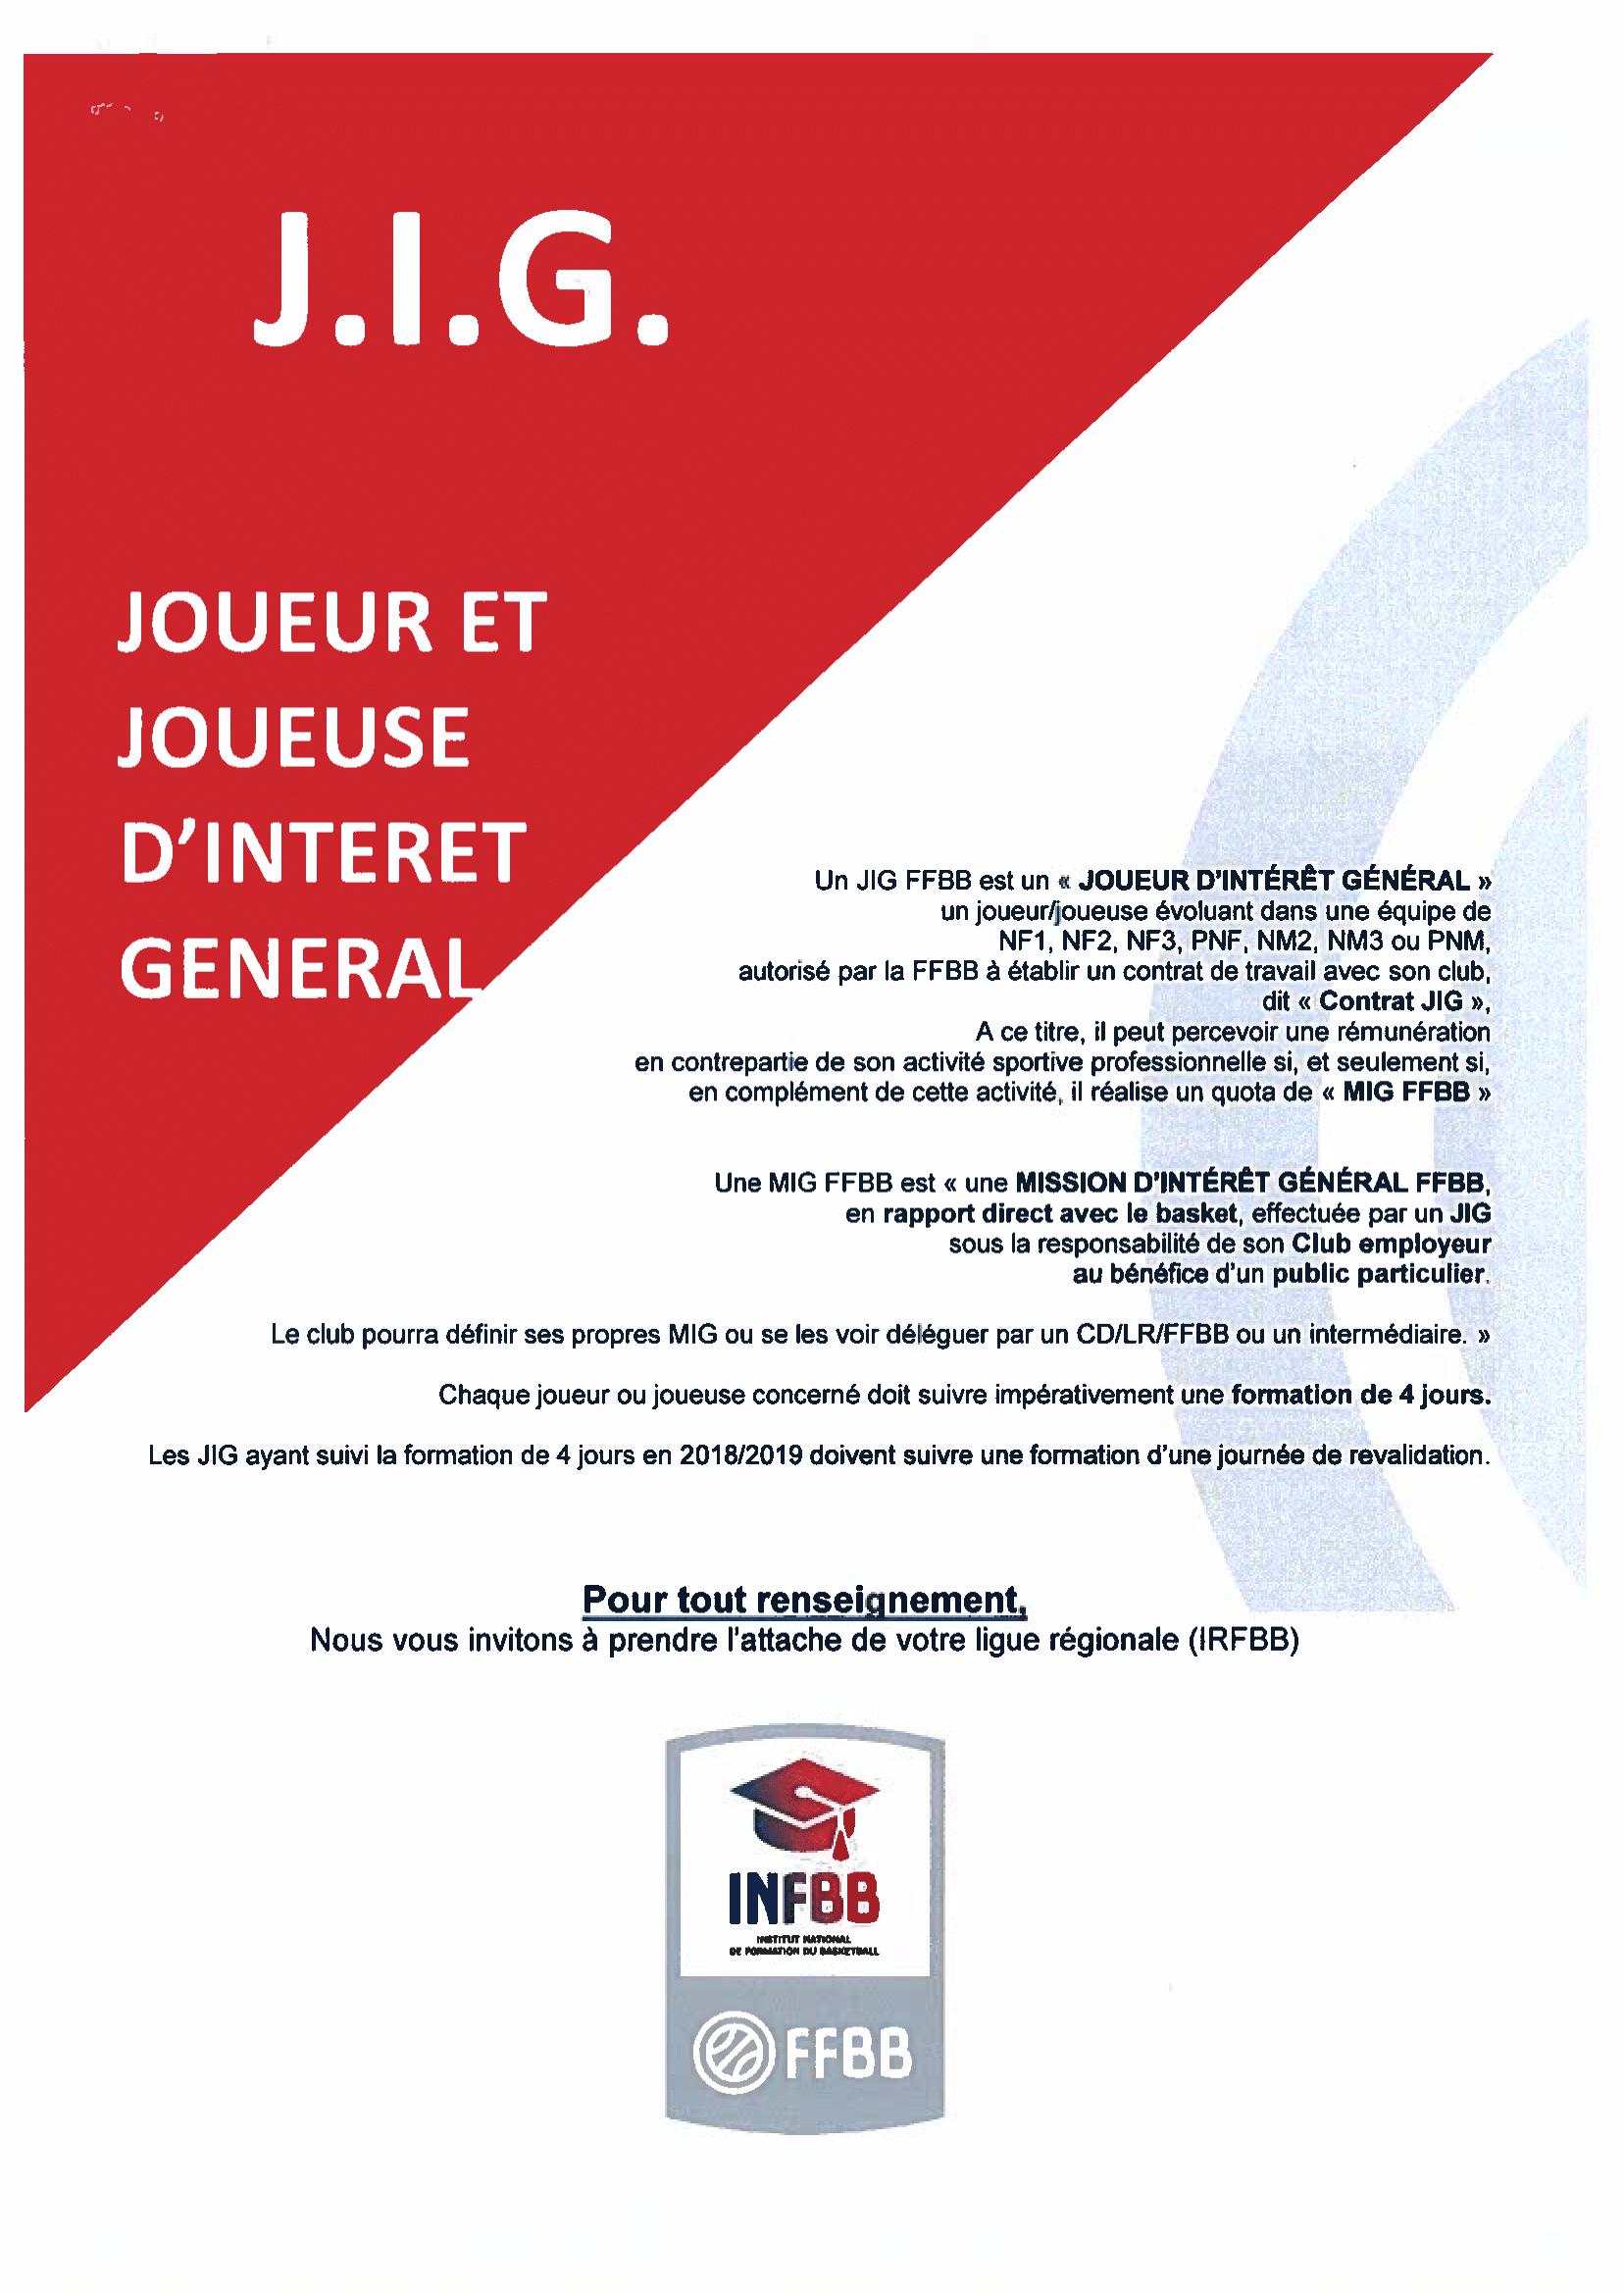 Formation des J.I.G